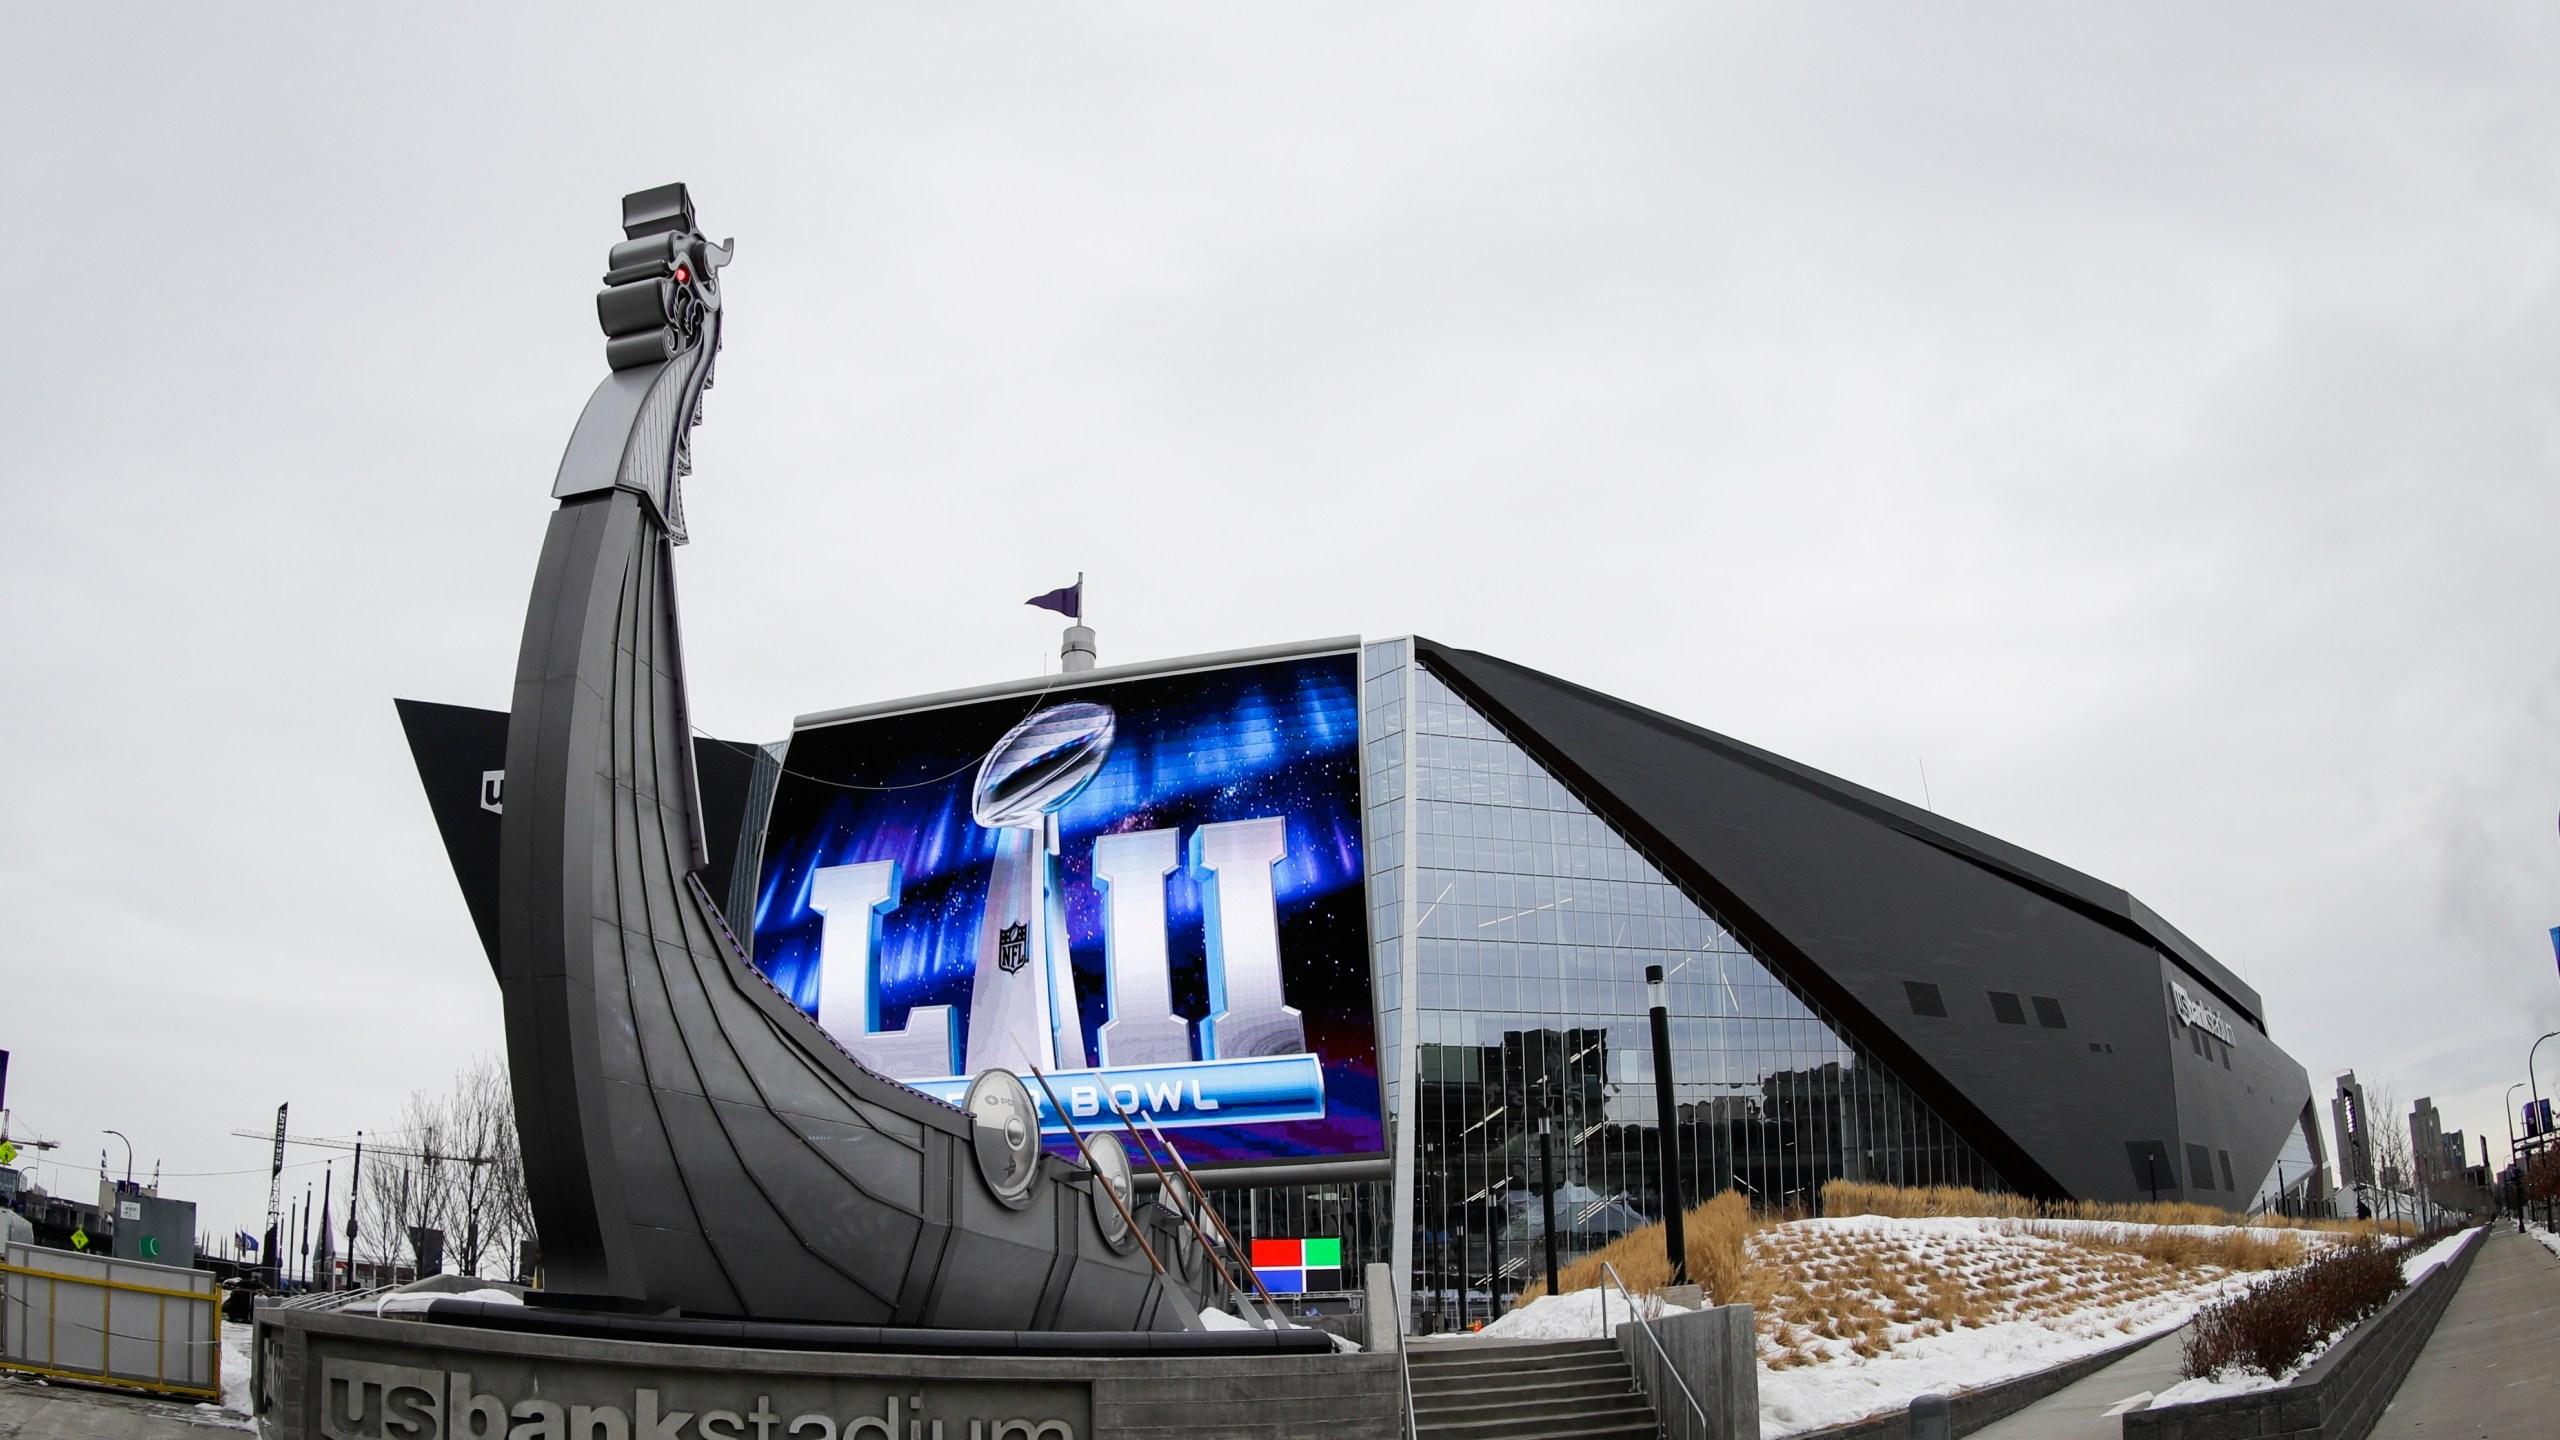 Eagles_Patriots_Super_Bowl_Football_47898-159532.jpg52790740